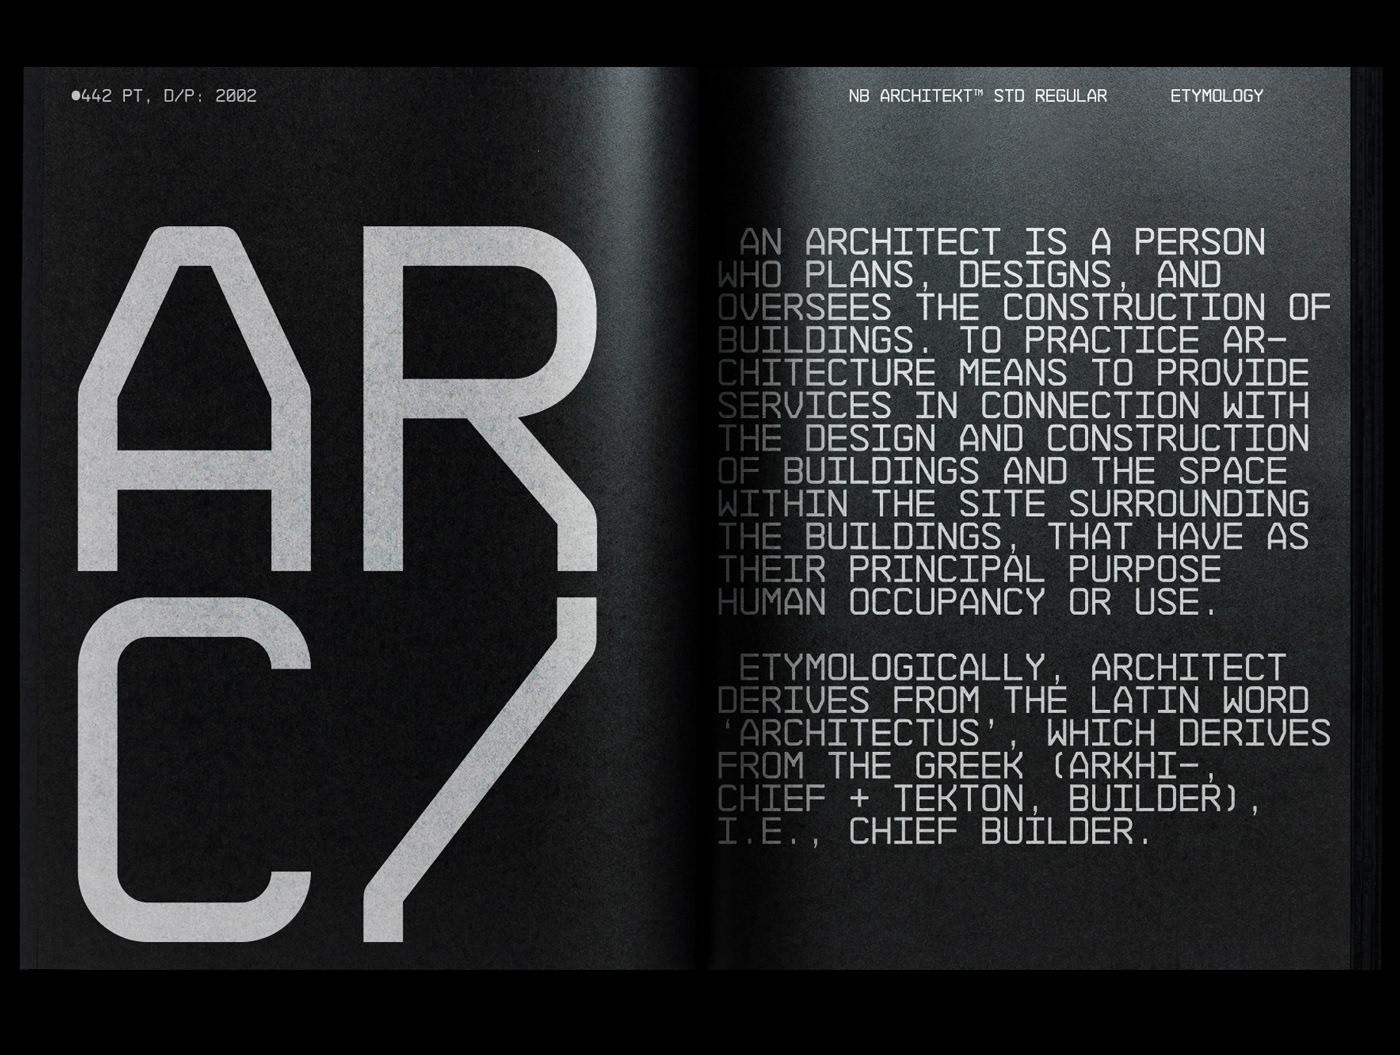 NB Architekt Std & Neue Edition (2002/18) on Behance